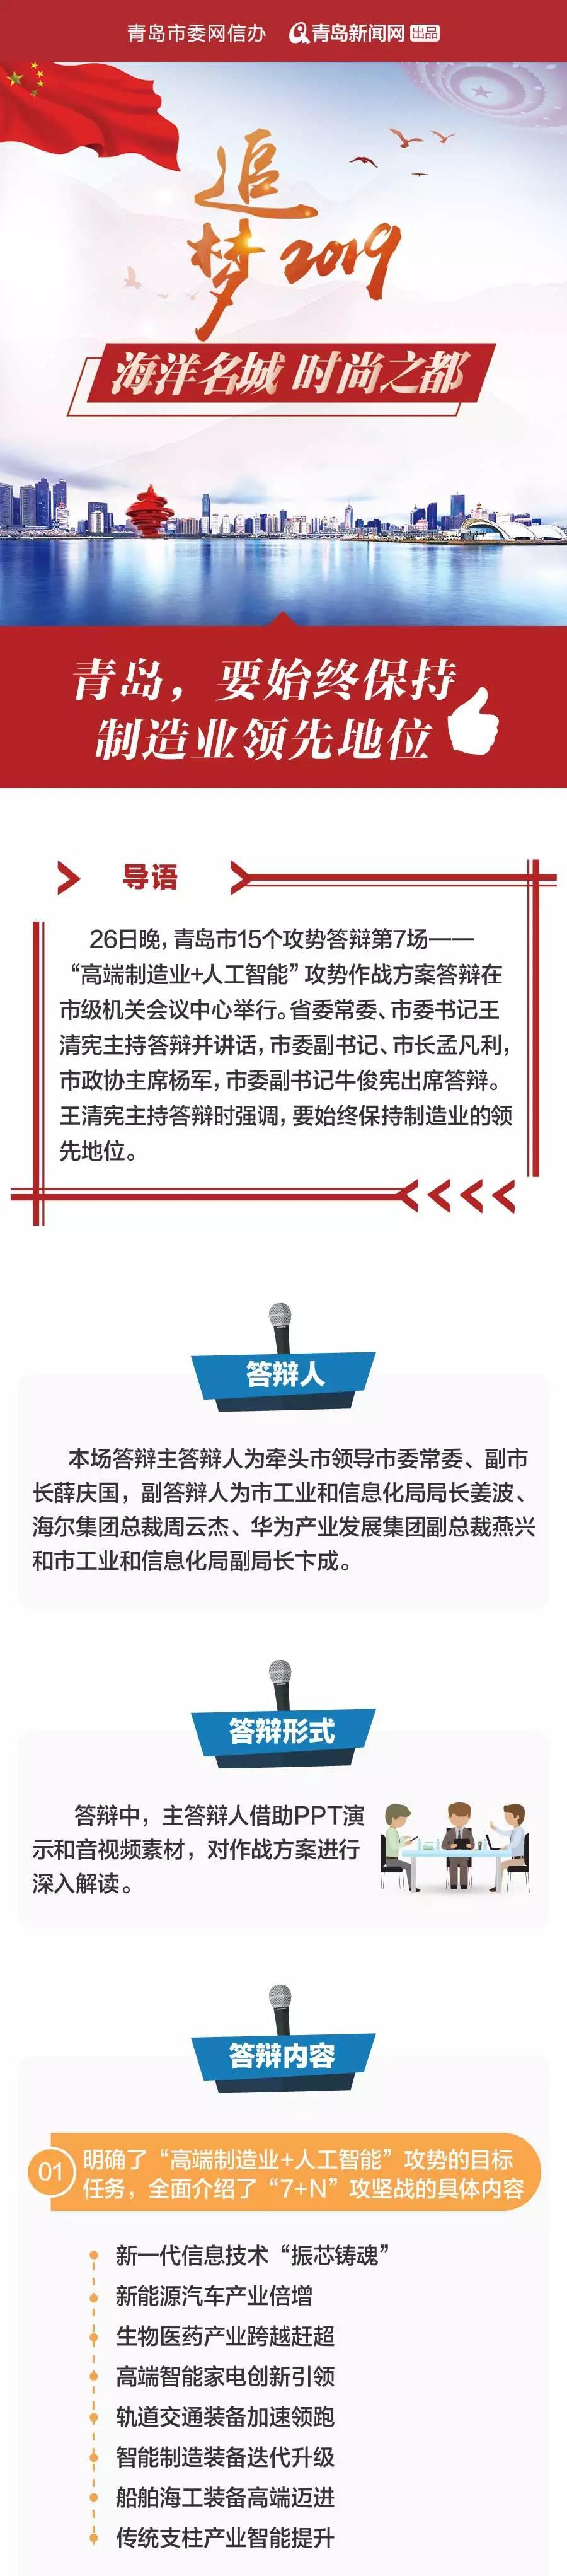 王清宪:青岛要始终保持制造业领先地位